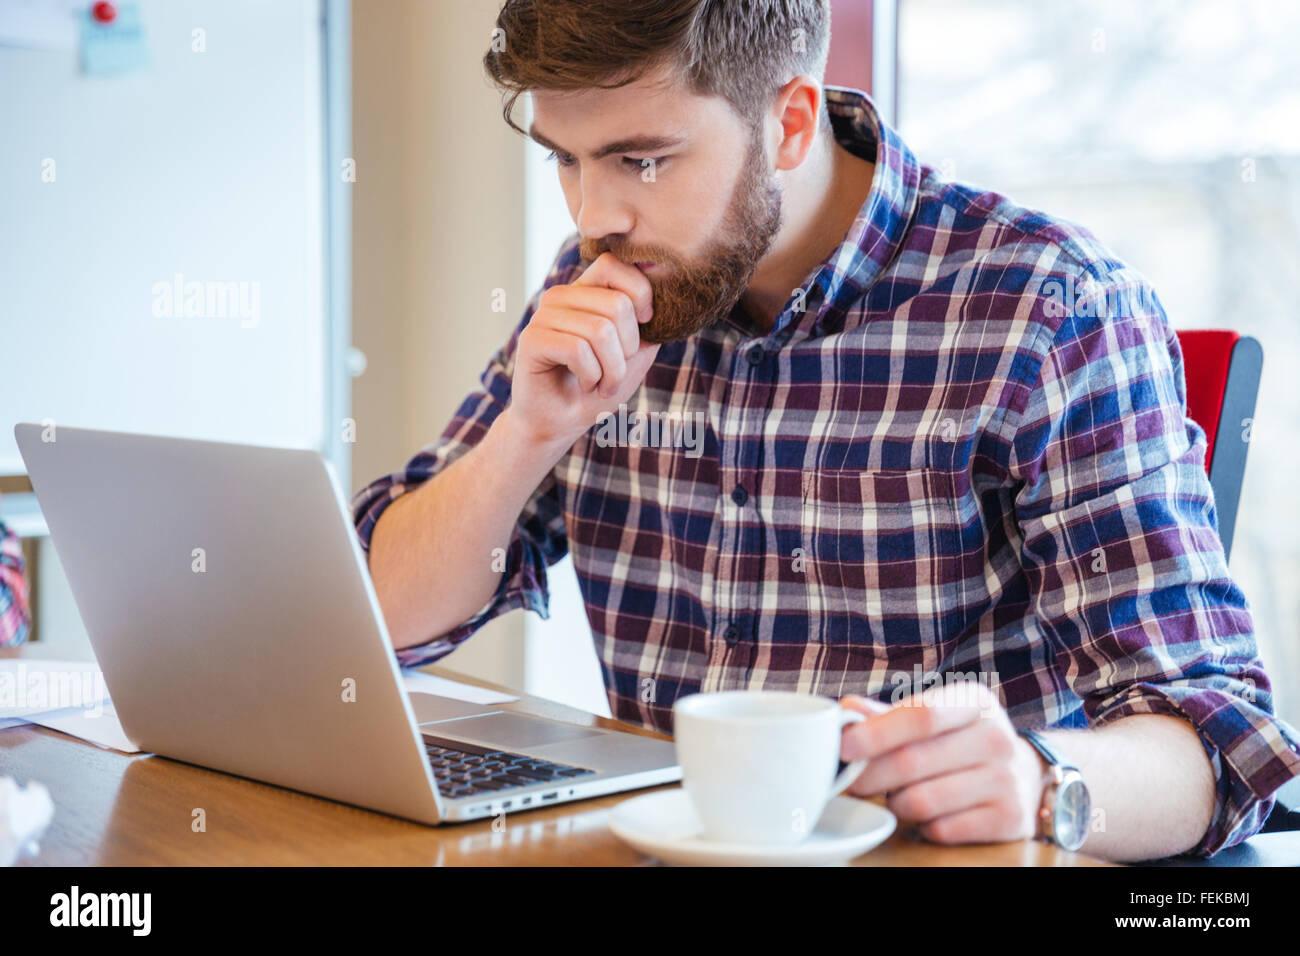 Grave joven barbudo centrado en camisa a cuadros sentado en la mesa y utilización portátil Imagen De Stock